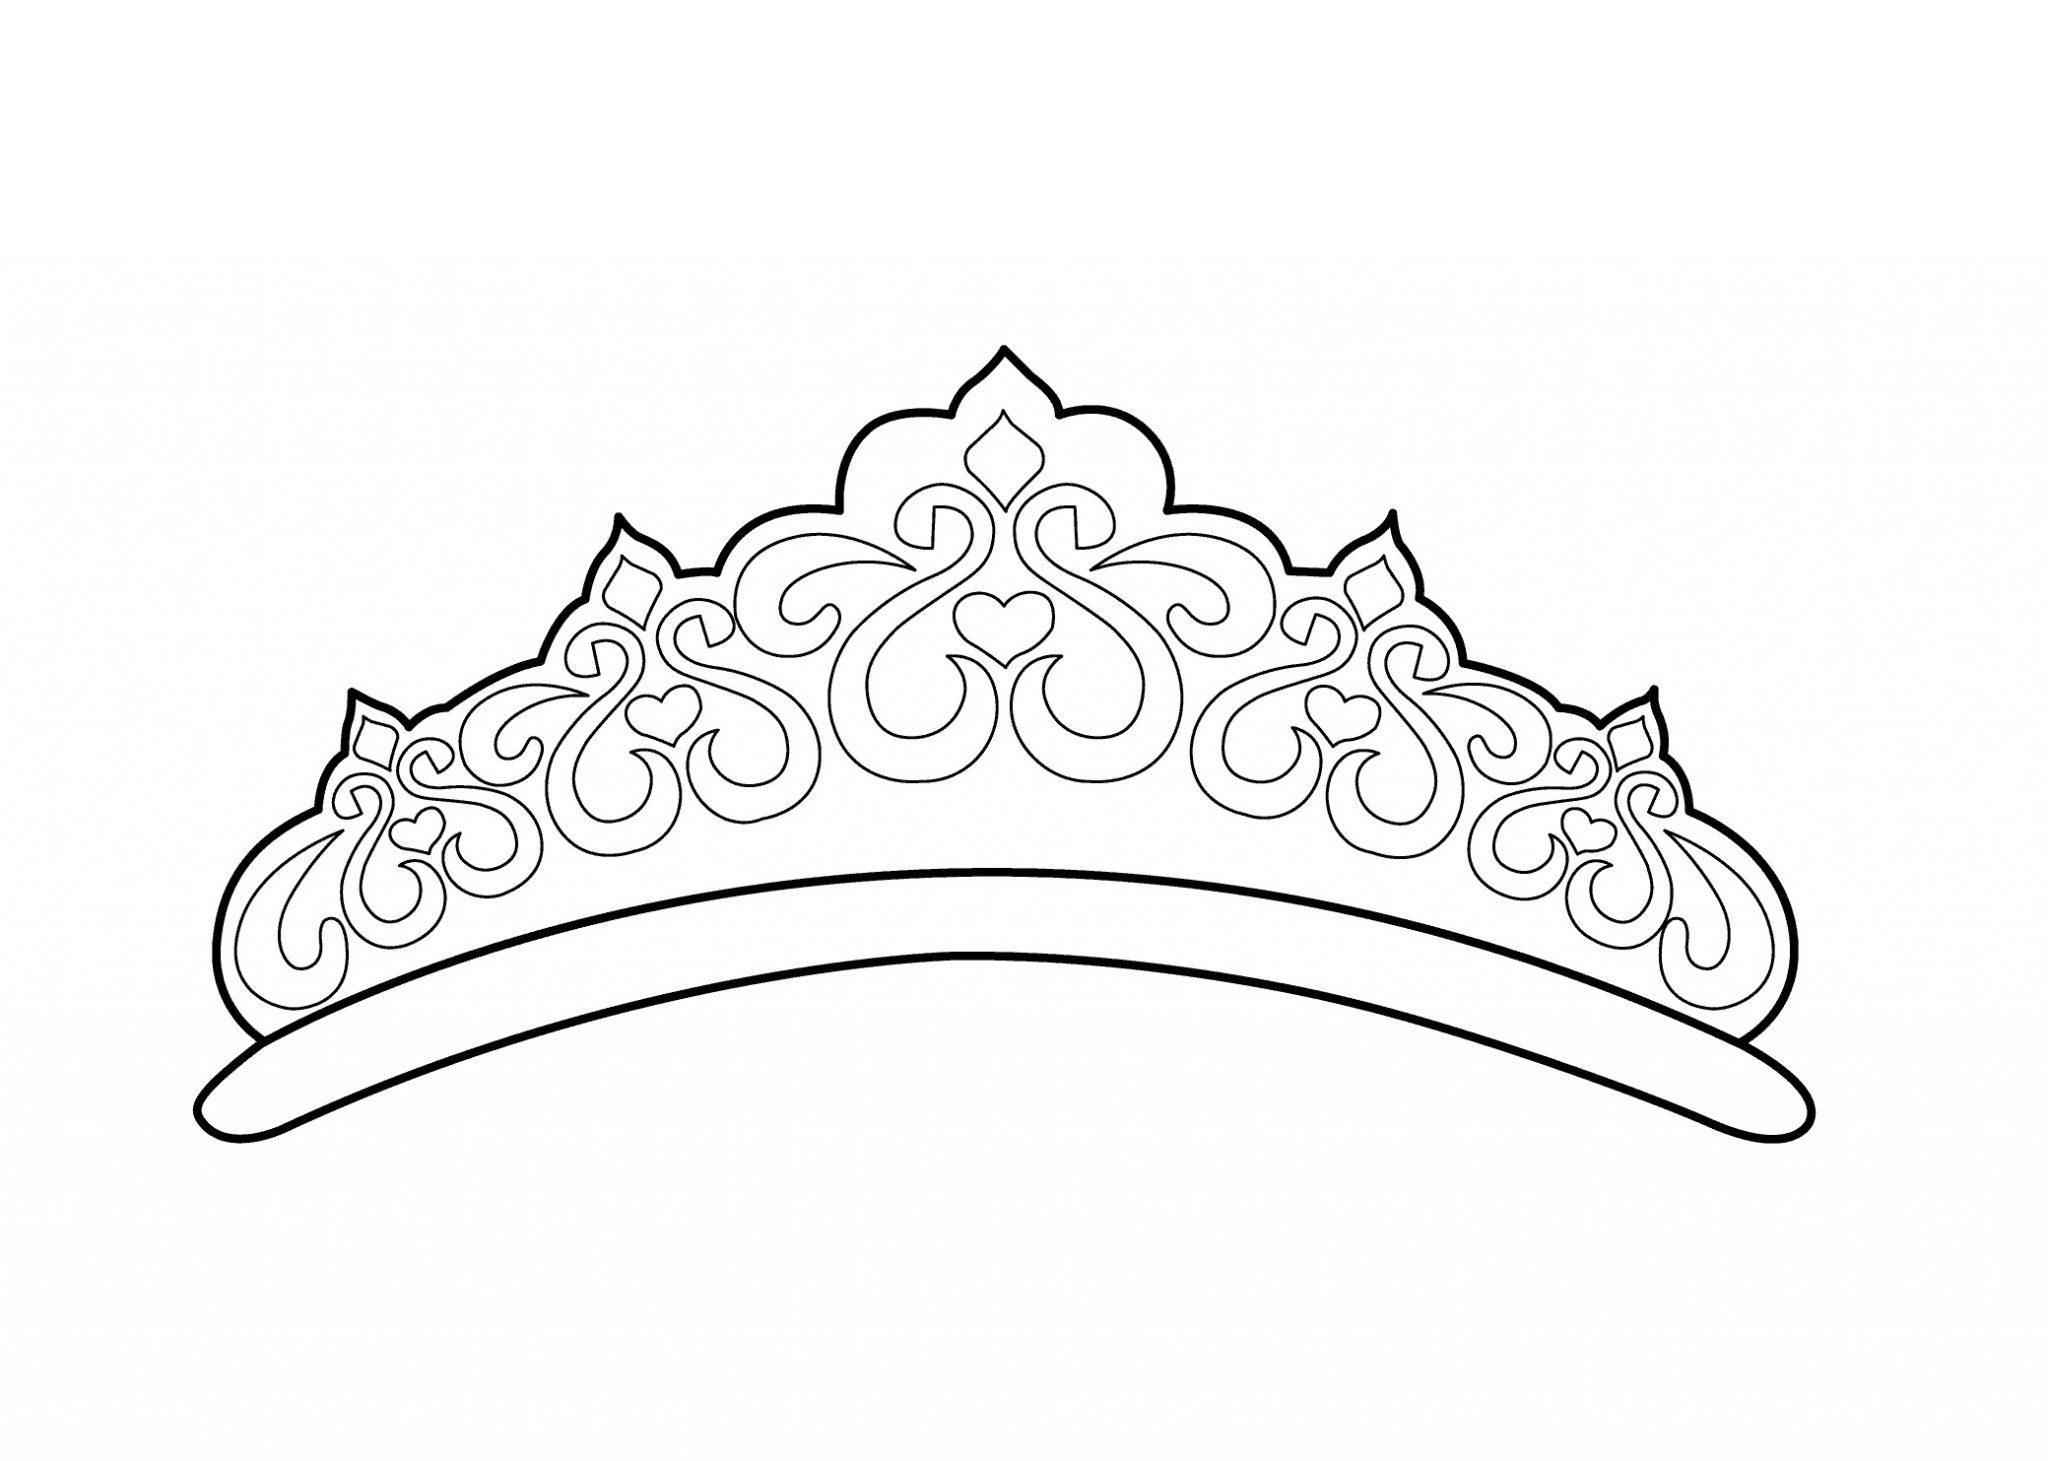 корона раскраска диадема из фомирана для девочки распечатать